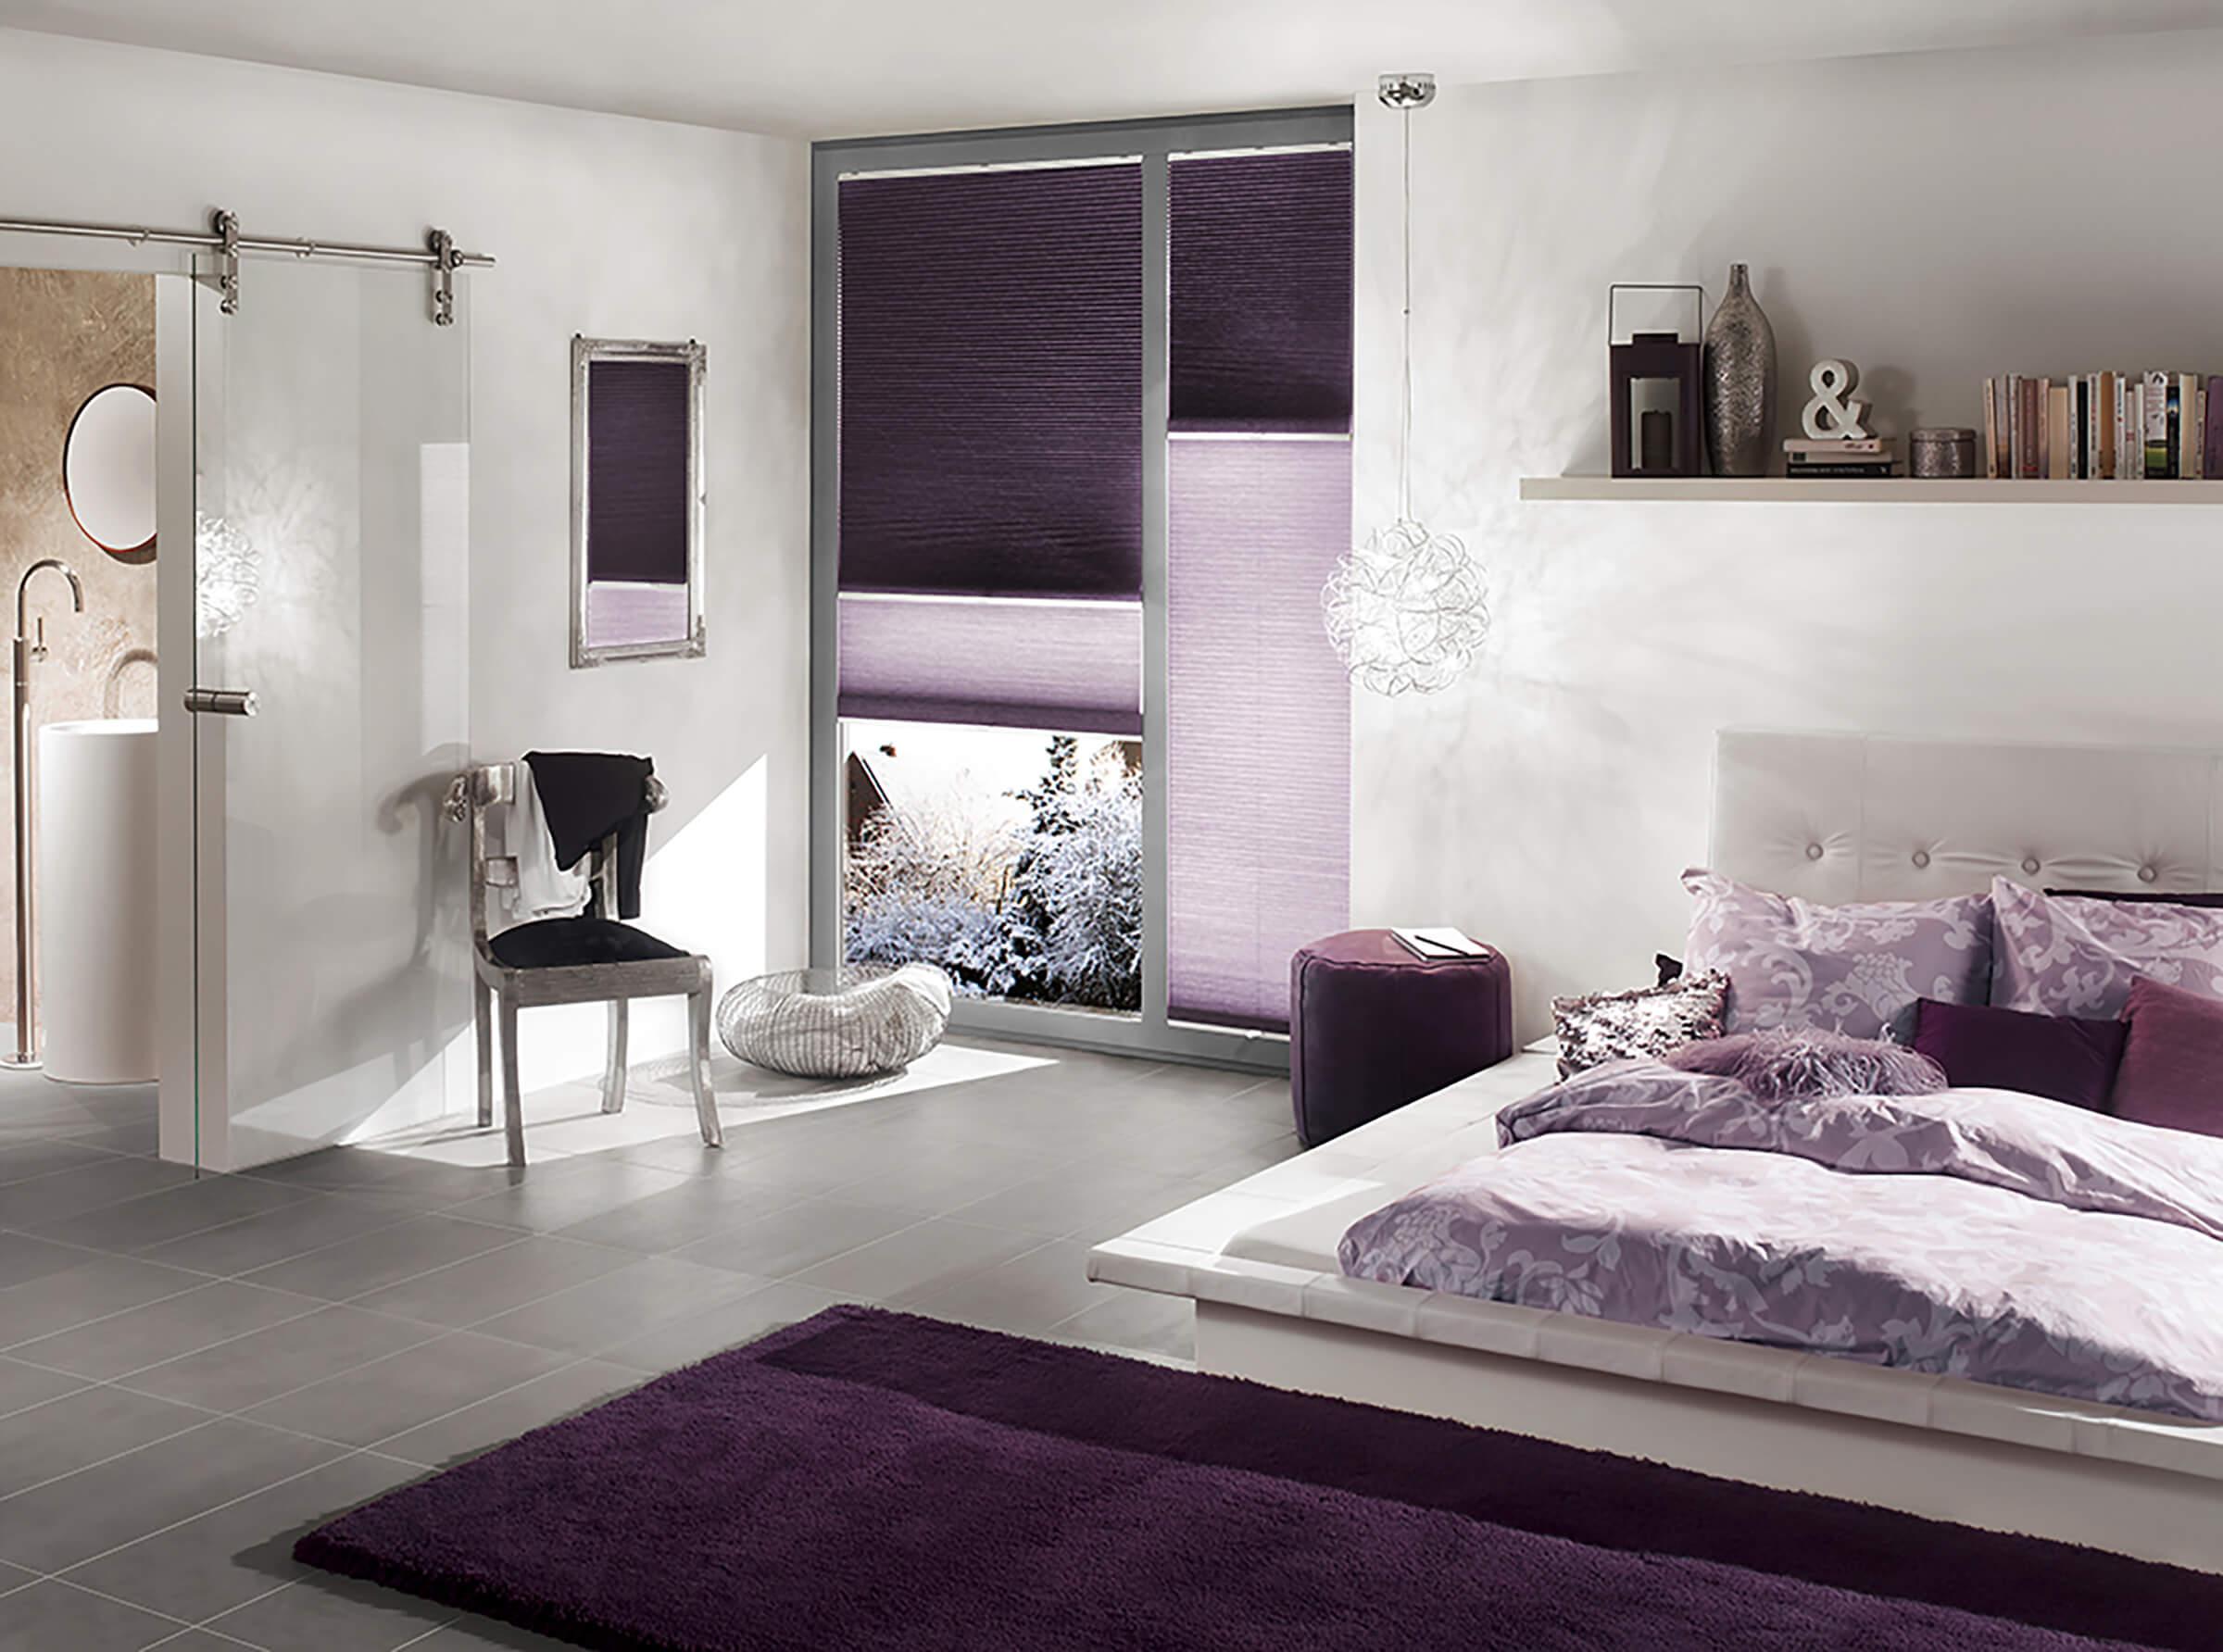 Violette Tag-Nacht Kombi Wabenplissees im Schlafzimmer in der Nacht